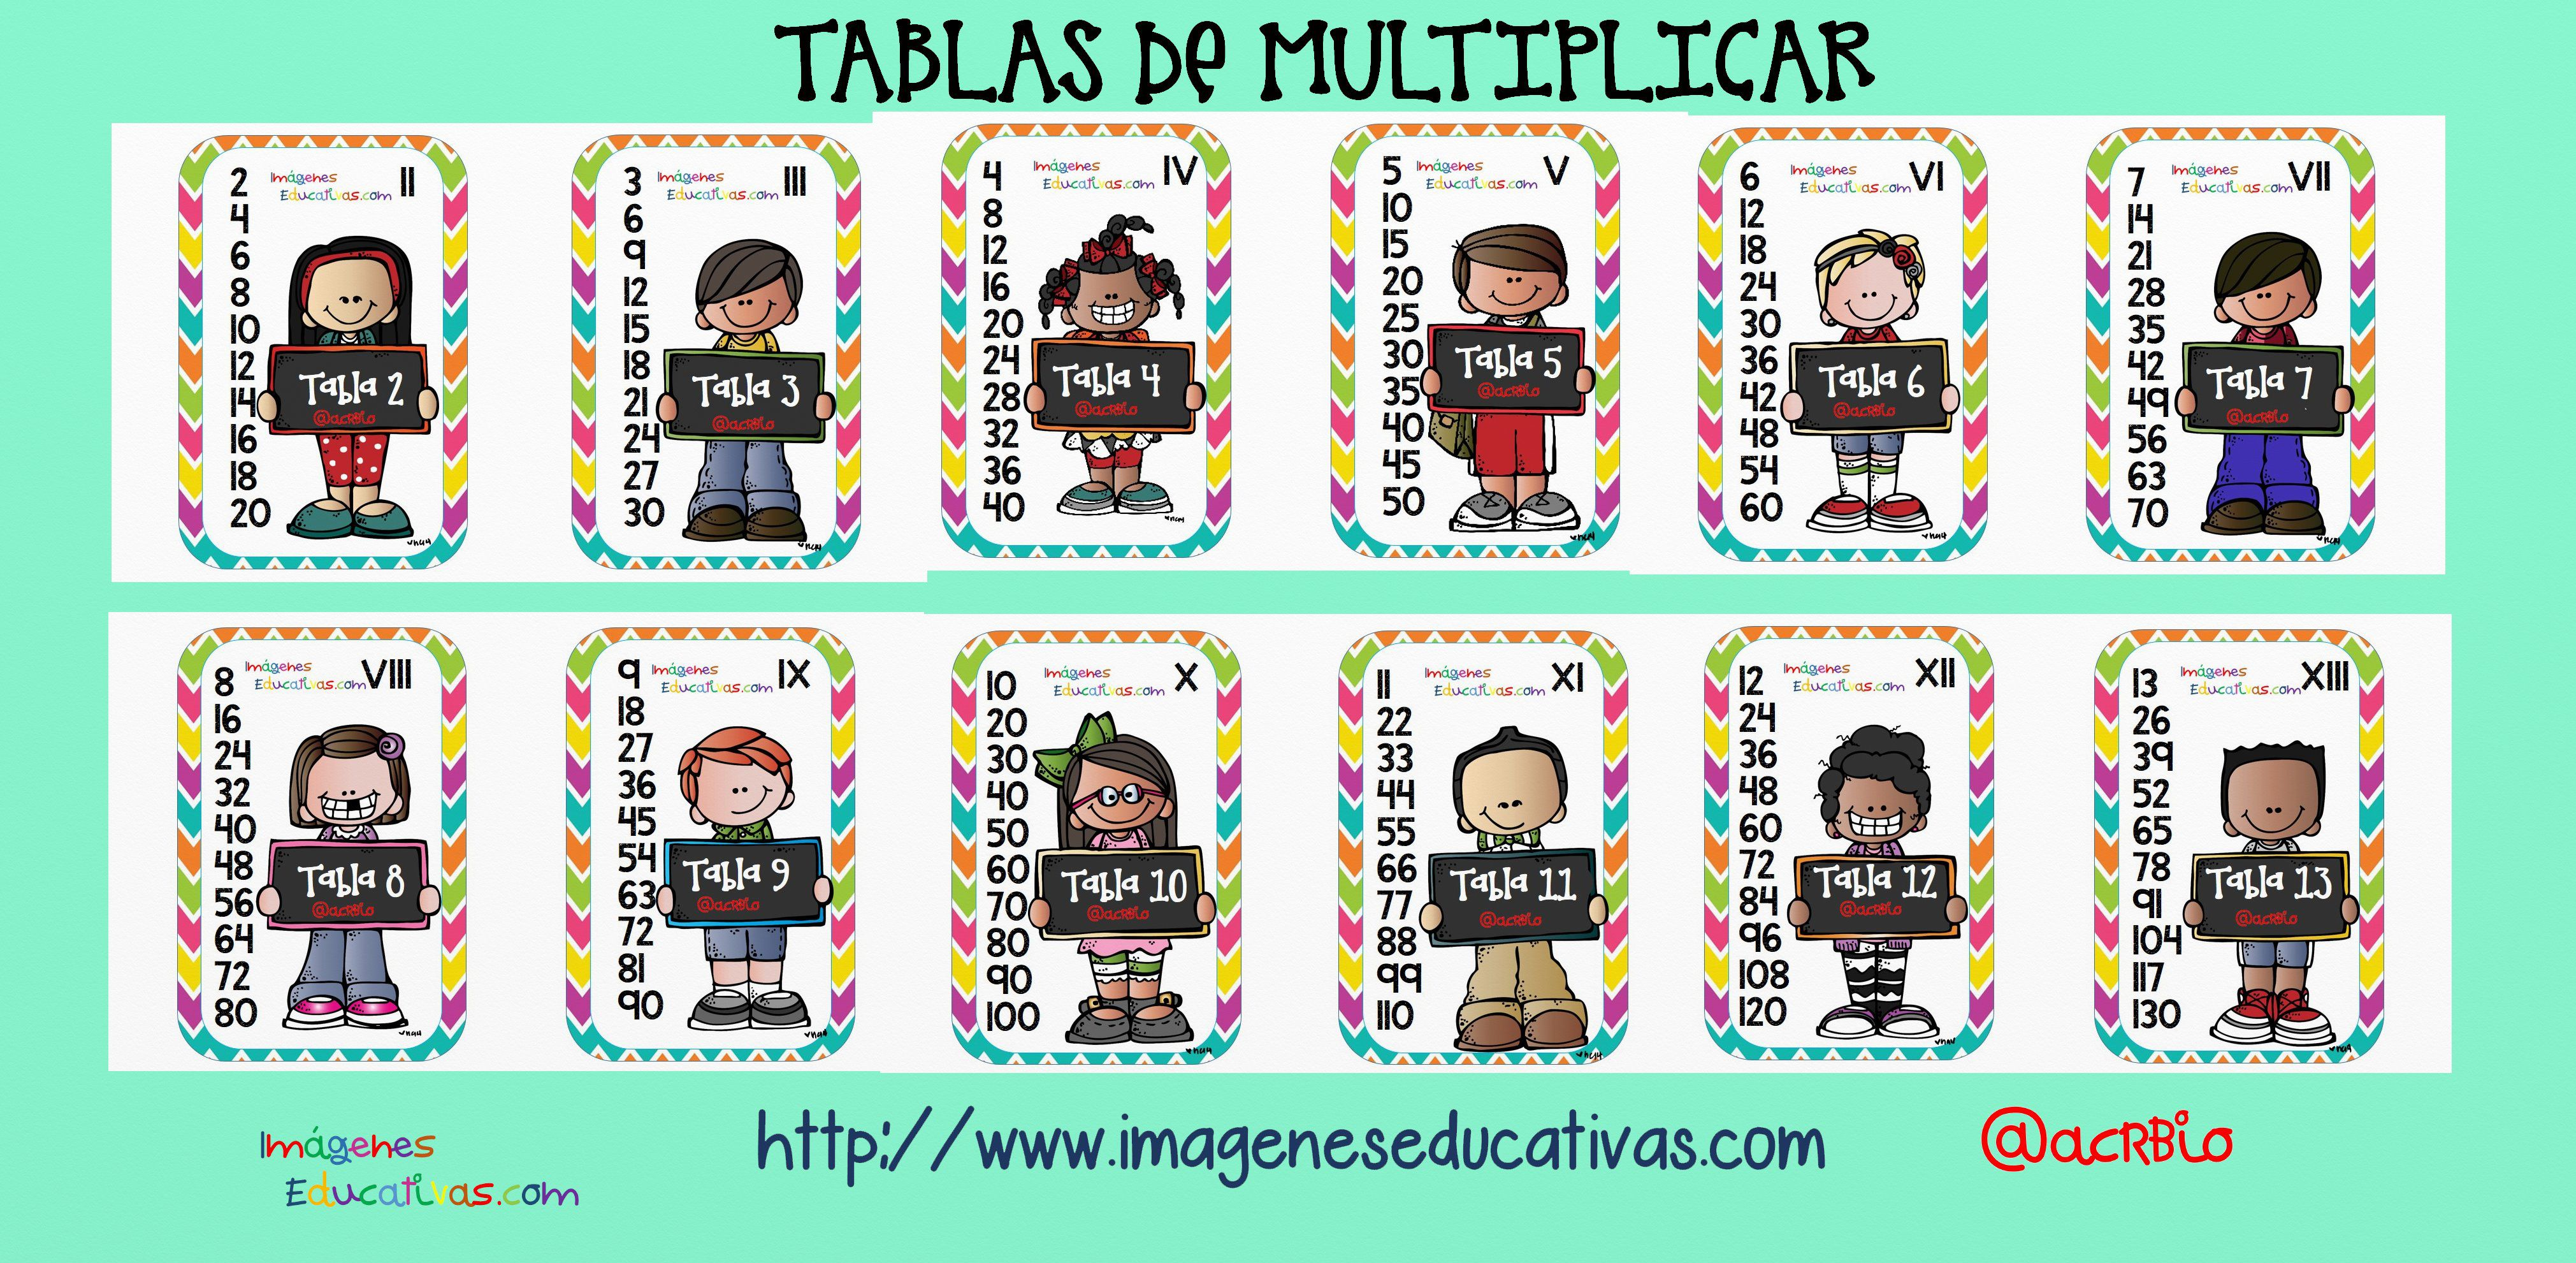 Tablas de Multiplicar Formato Poster2 - Imagenes Educativas